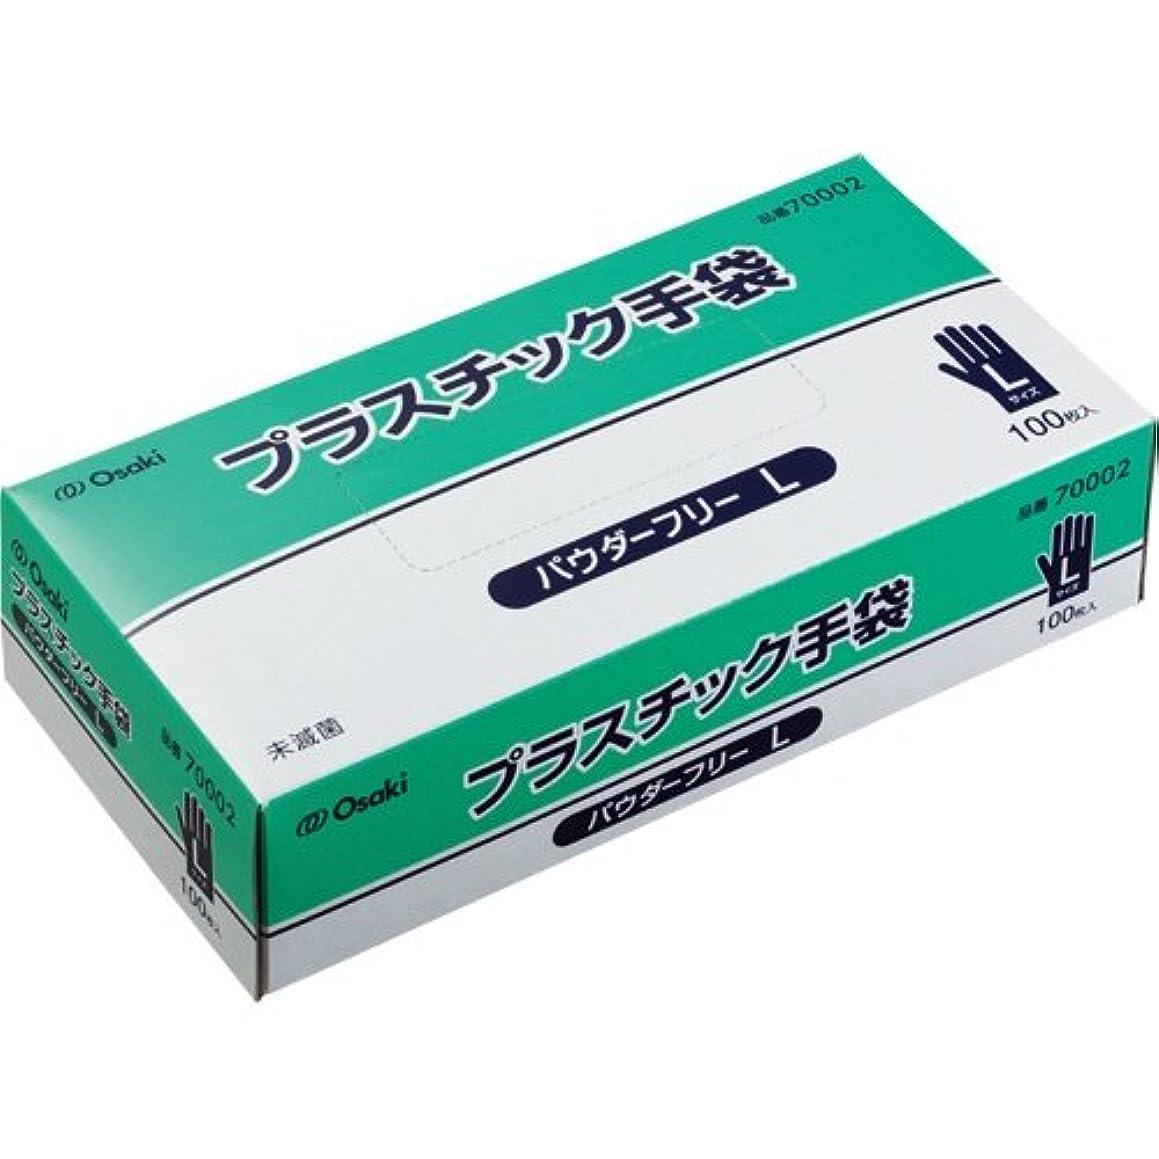 蓮ご意見食物オオサキメディカル オオサキプラスチック手袋 パウダーフリー L 70002 1セット(2000枚:100枚×20箱)